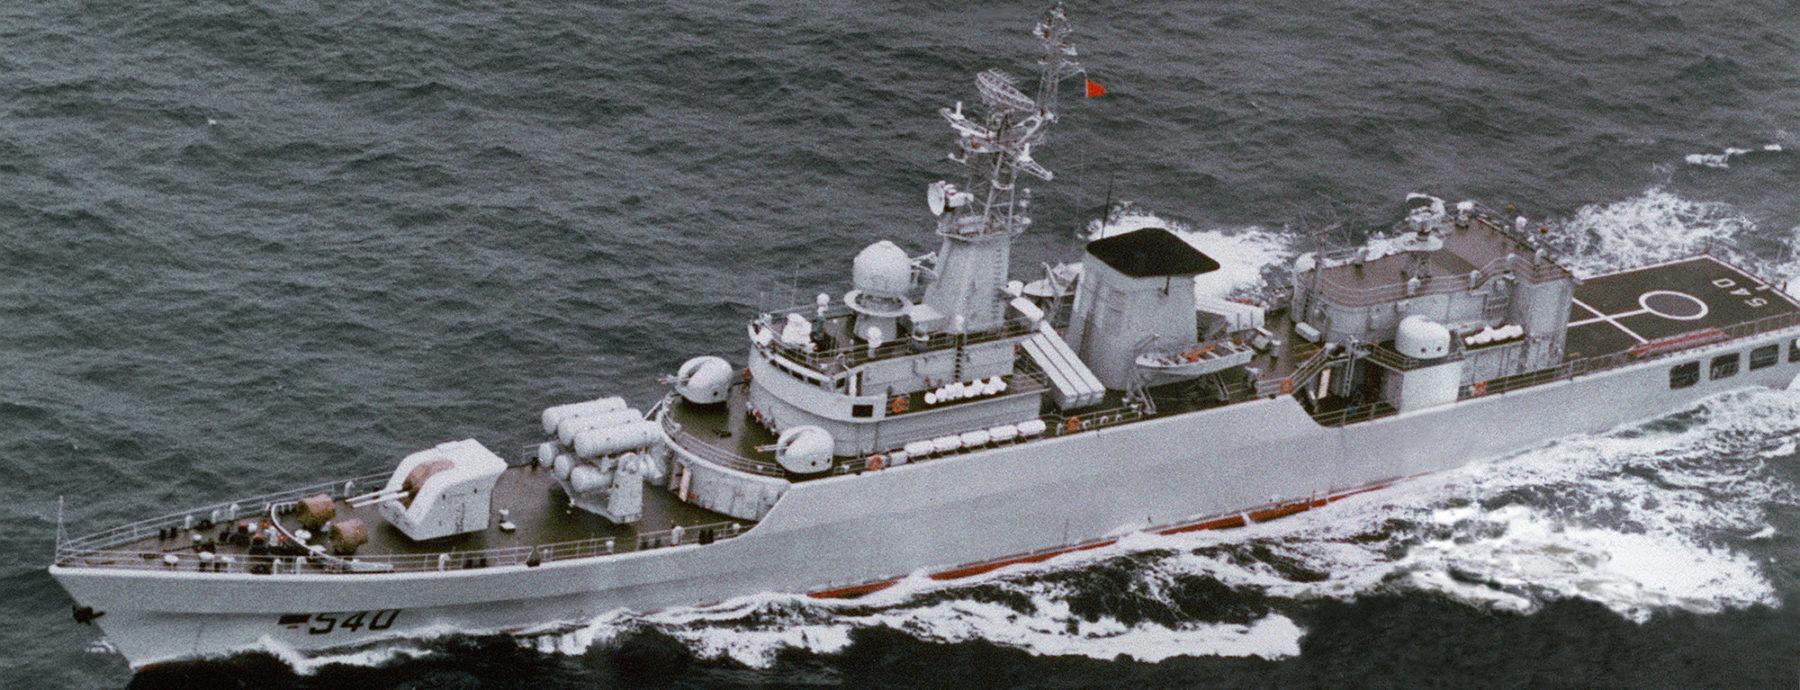 Type 053H2G Jiangwei I class Frigates (1990)